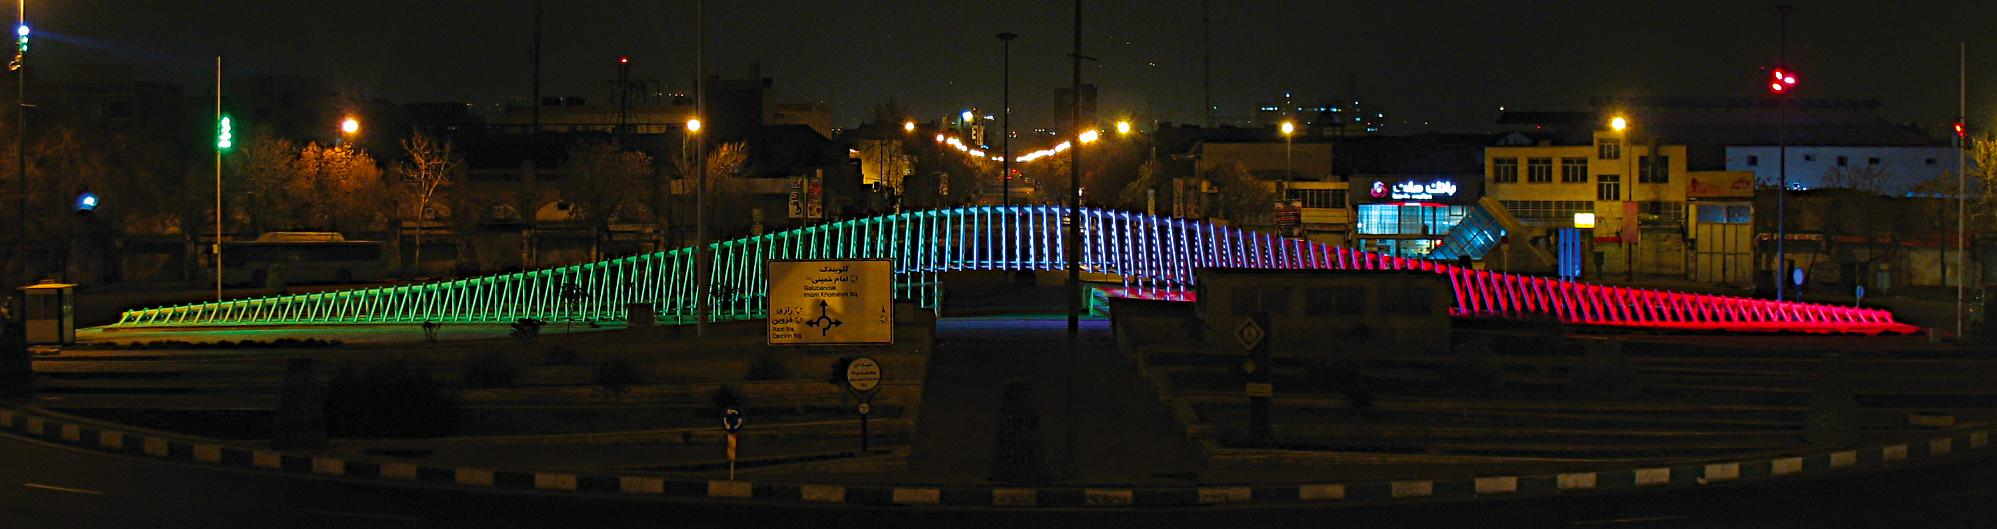 Mohammadieh Square